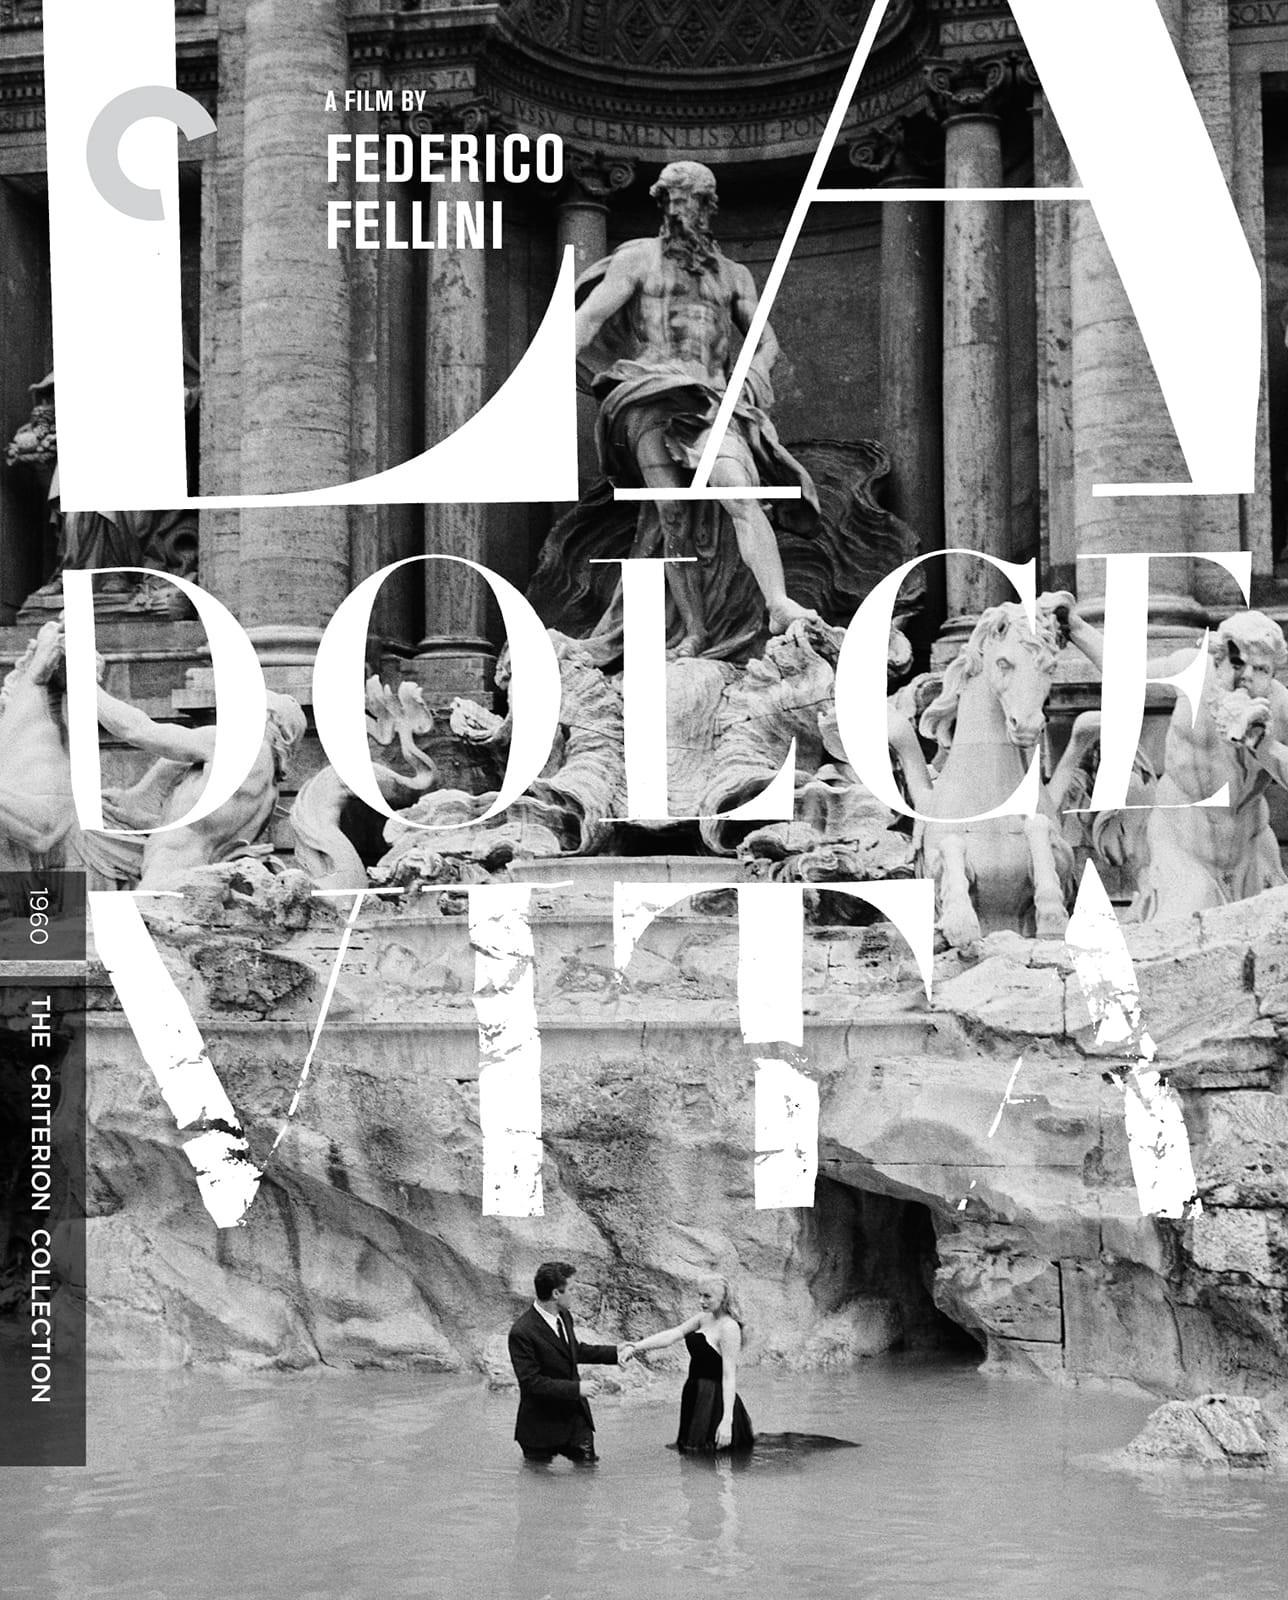 fe641a2b44 Blu-ray Review  La Dolce Vita - Slant Magazine